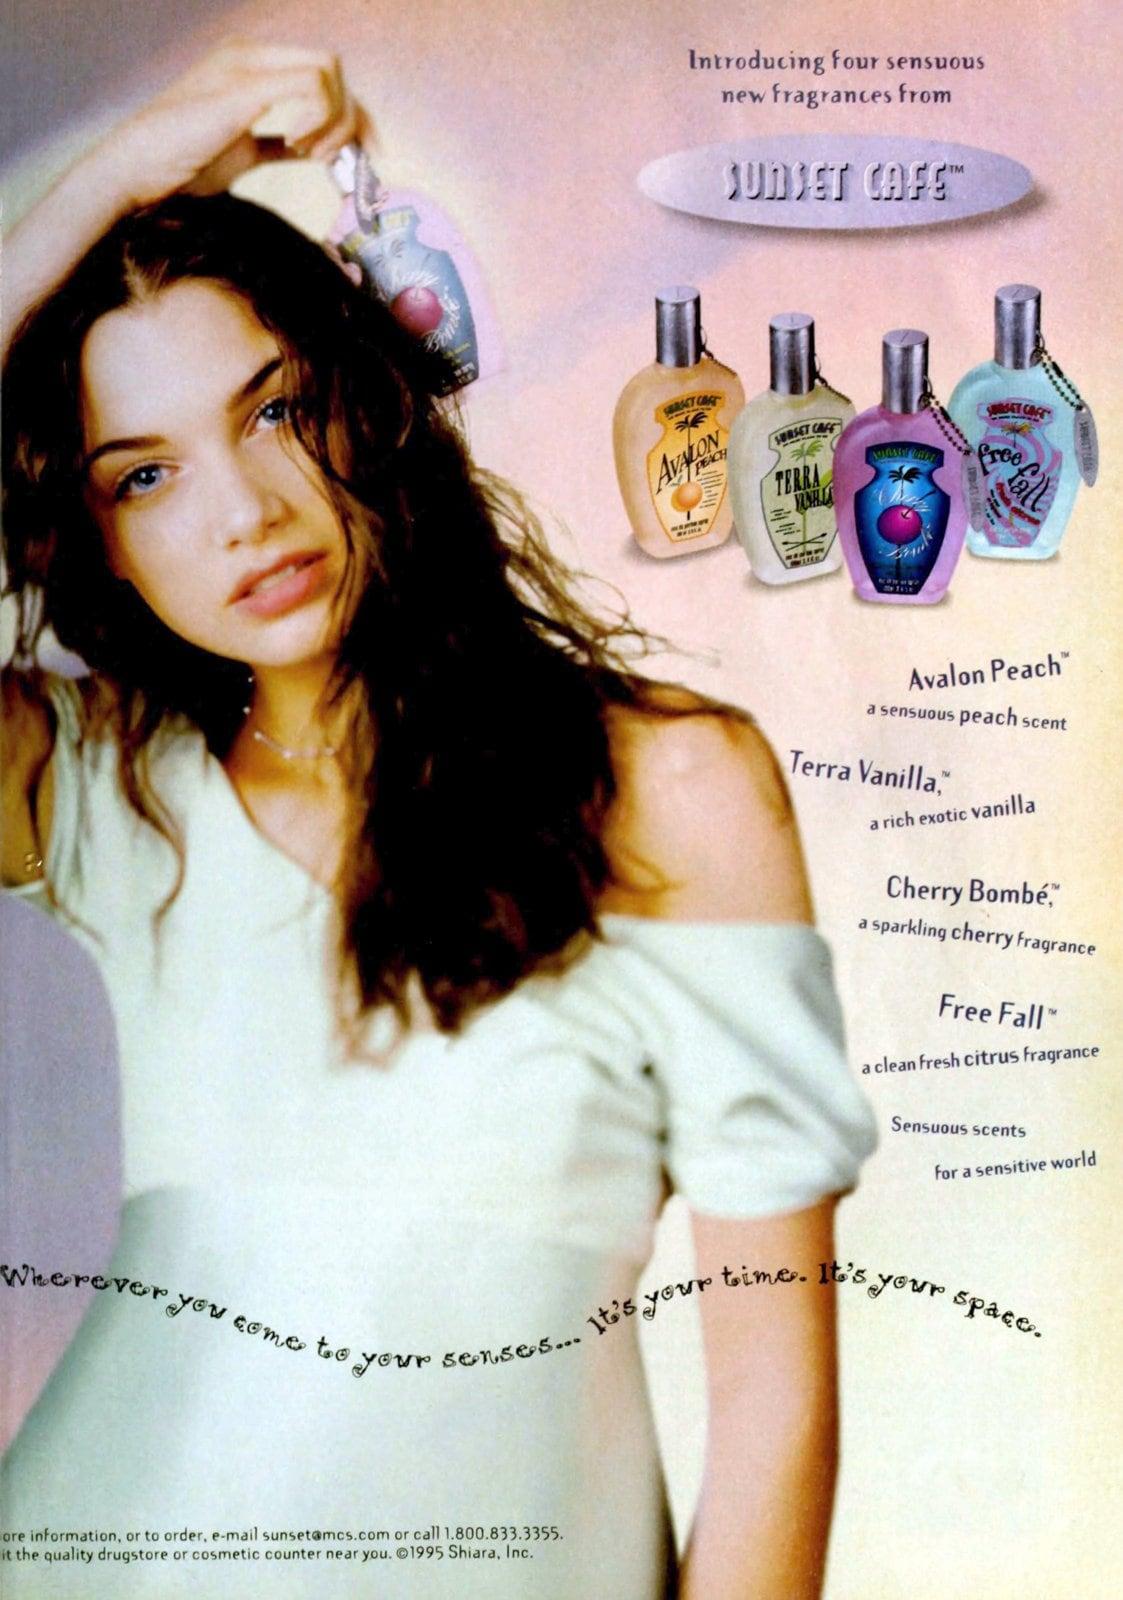 Sunset Cafe fragrances (1995) at ClickAmericana com